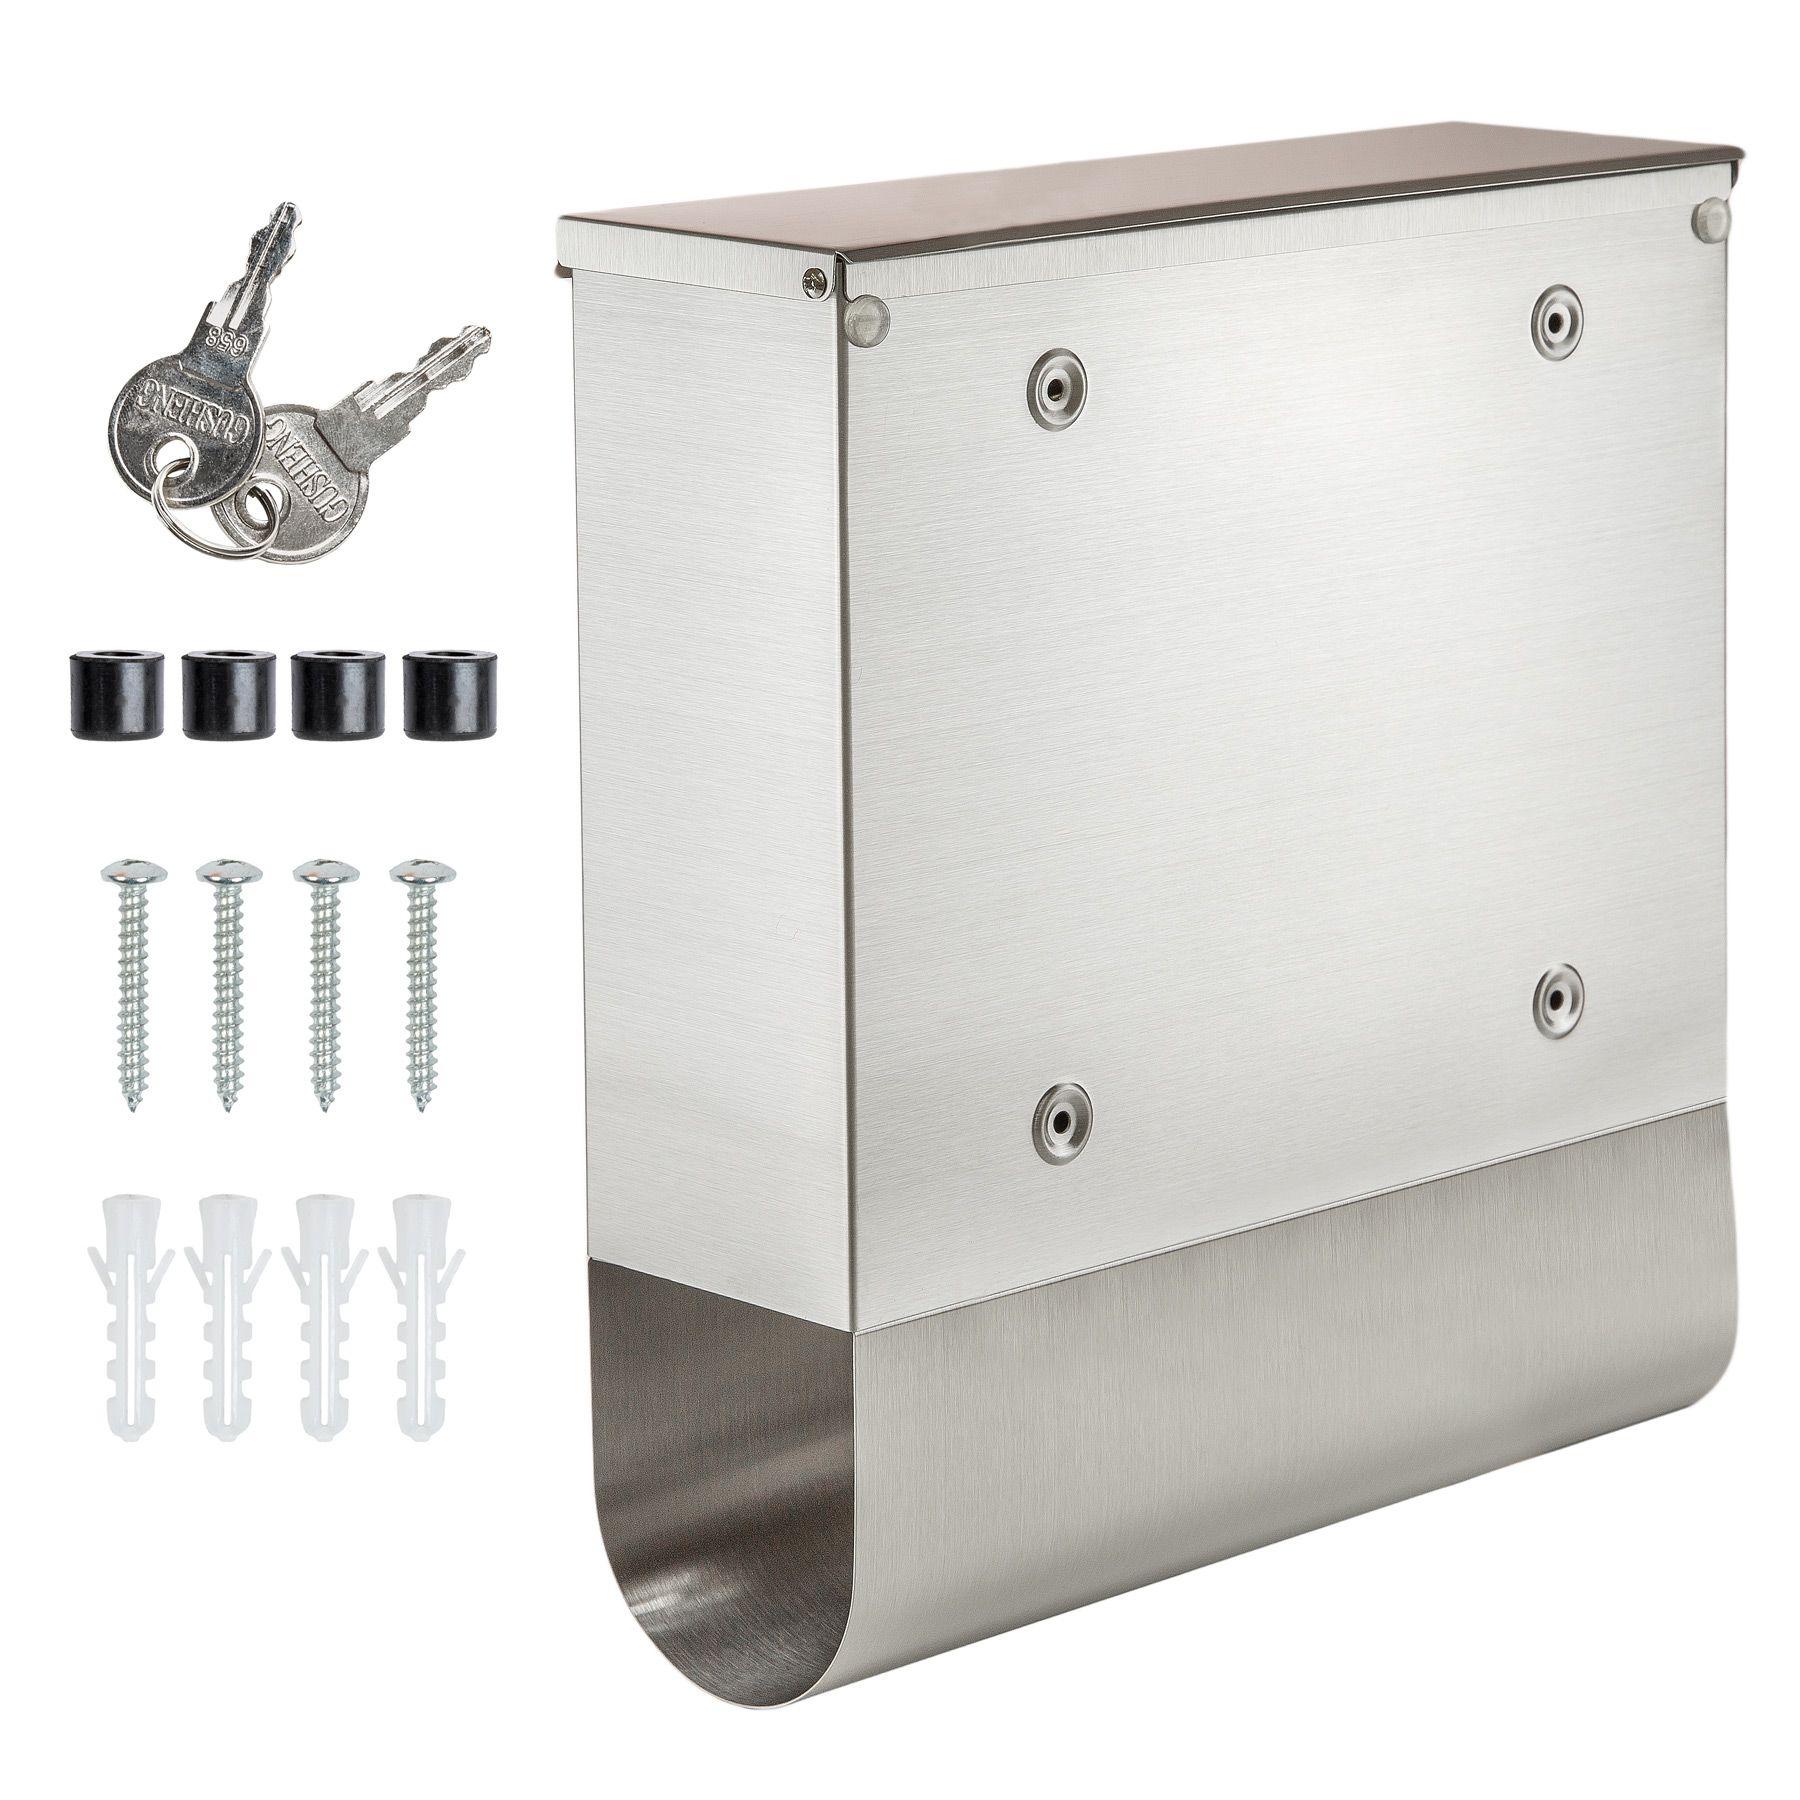 edelstahl briefkasten postkasten zeitungsfach zeitungsrolle wand mailbox ebay. Black Bedroom Furniture Sets. Home Design Ideas